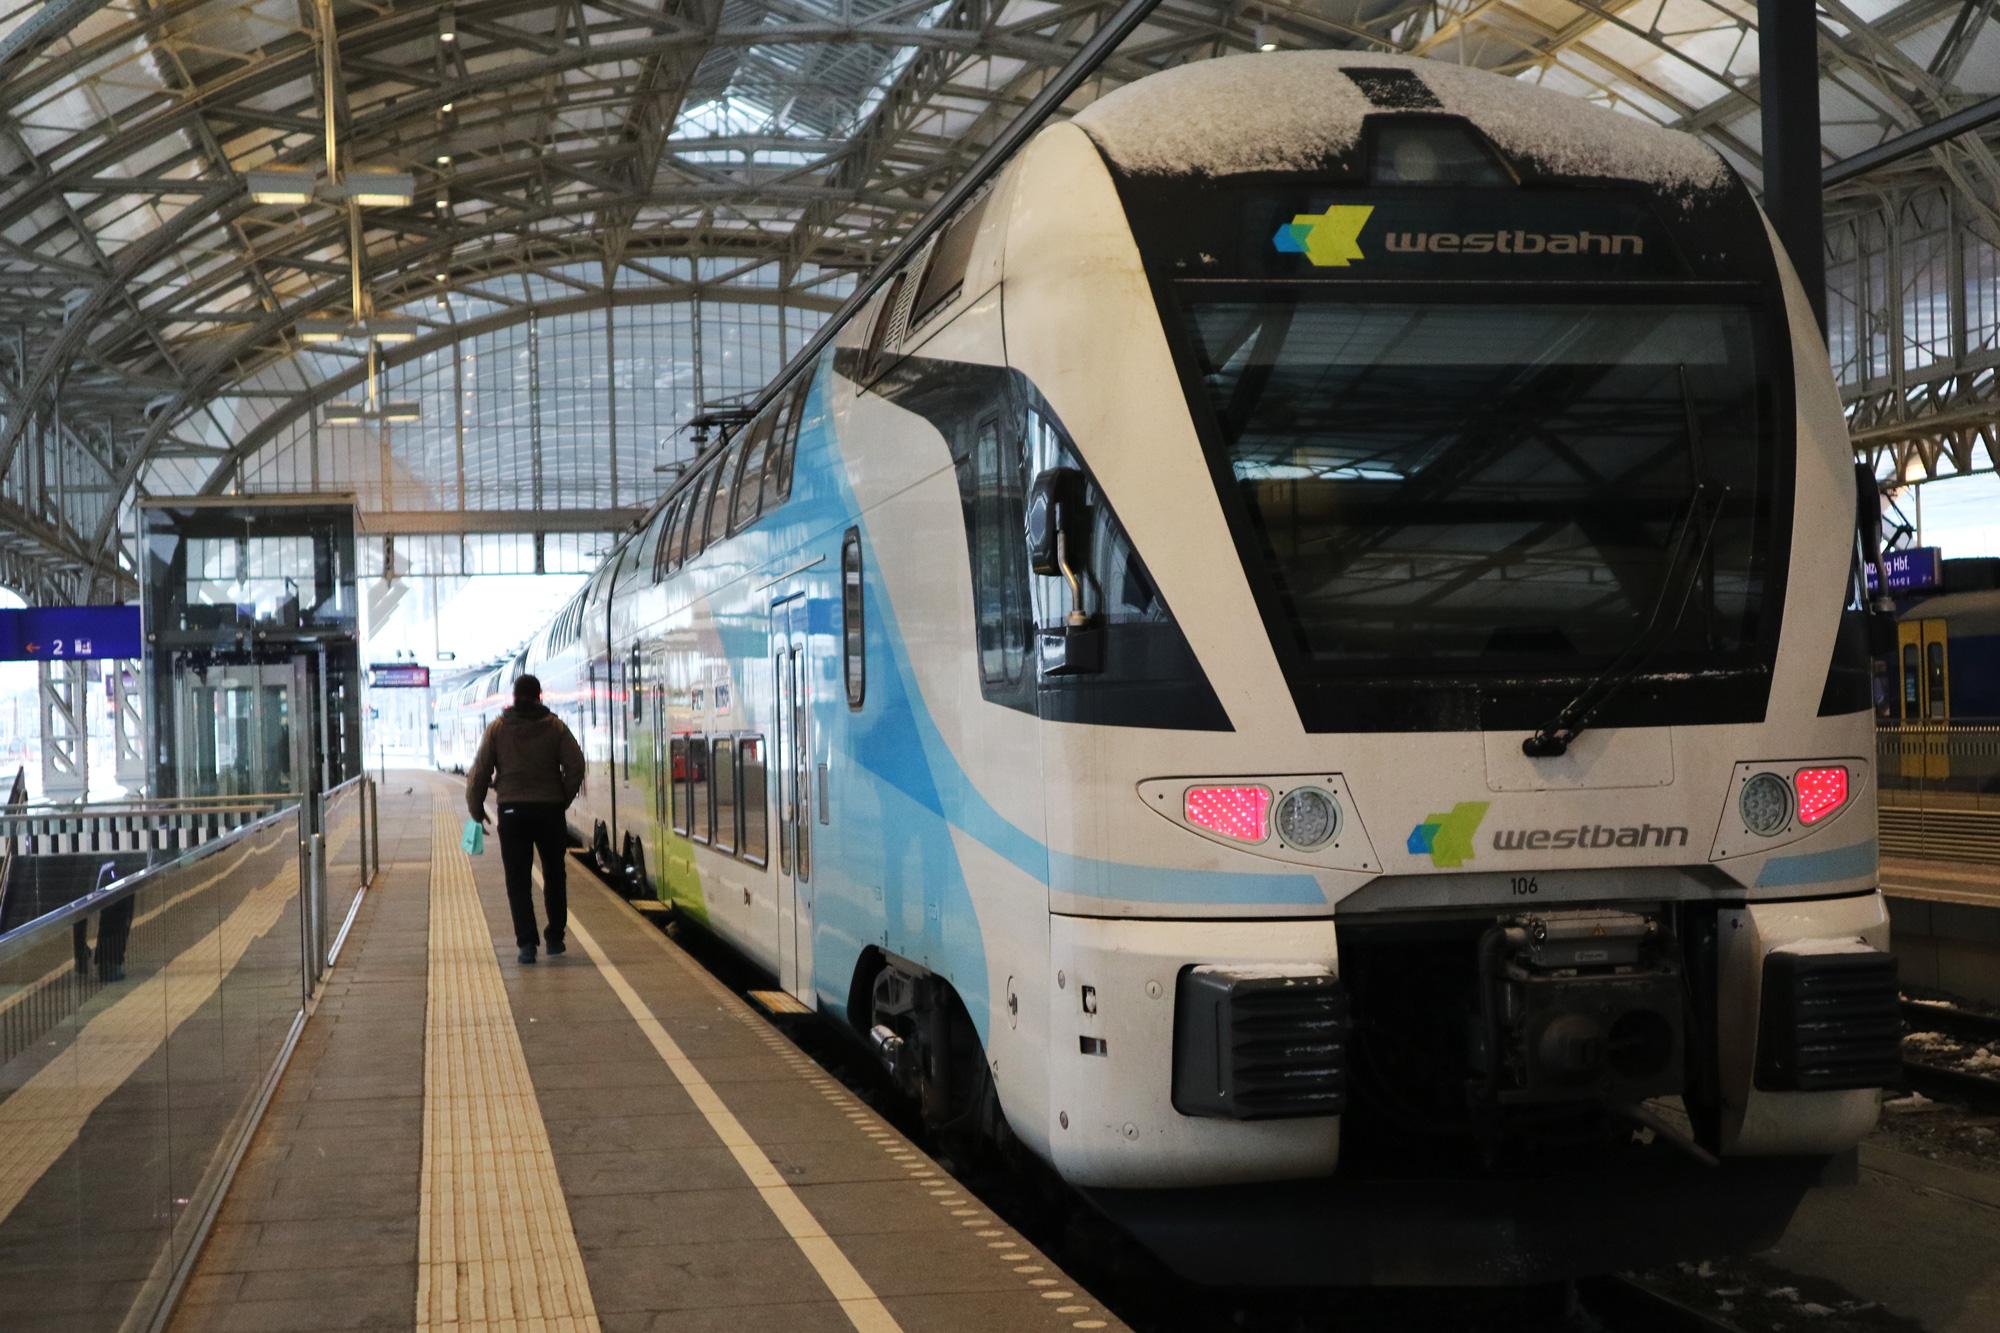 ヴェストバーン(westbahn)車両